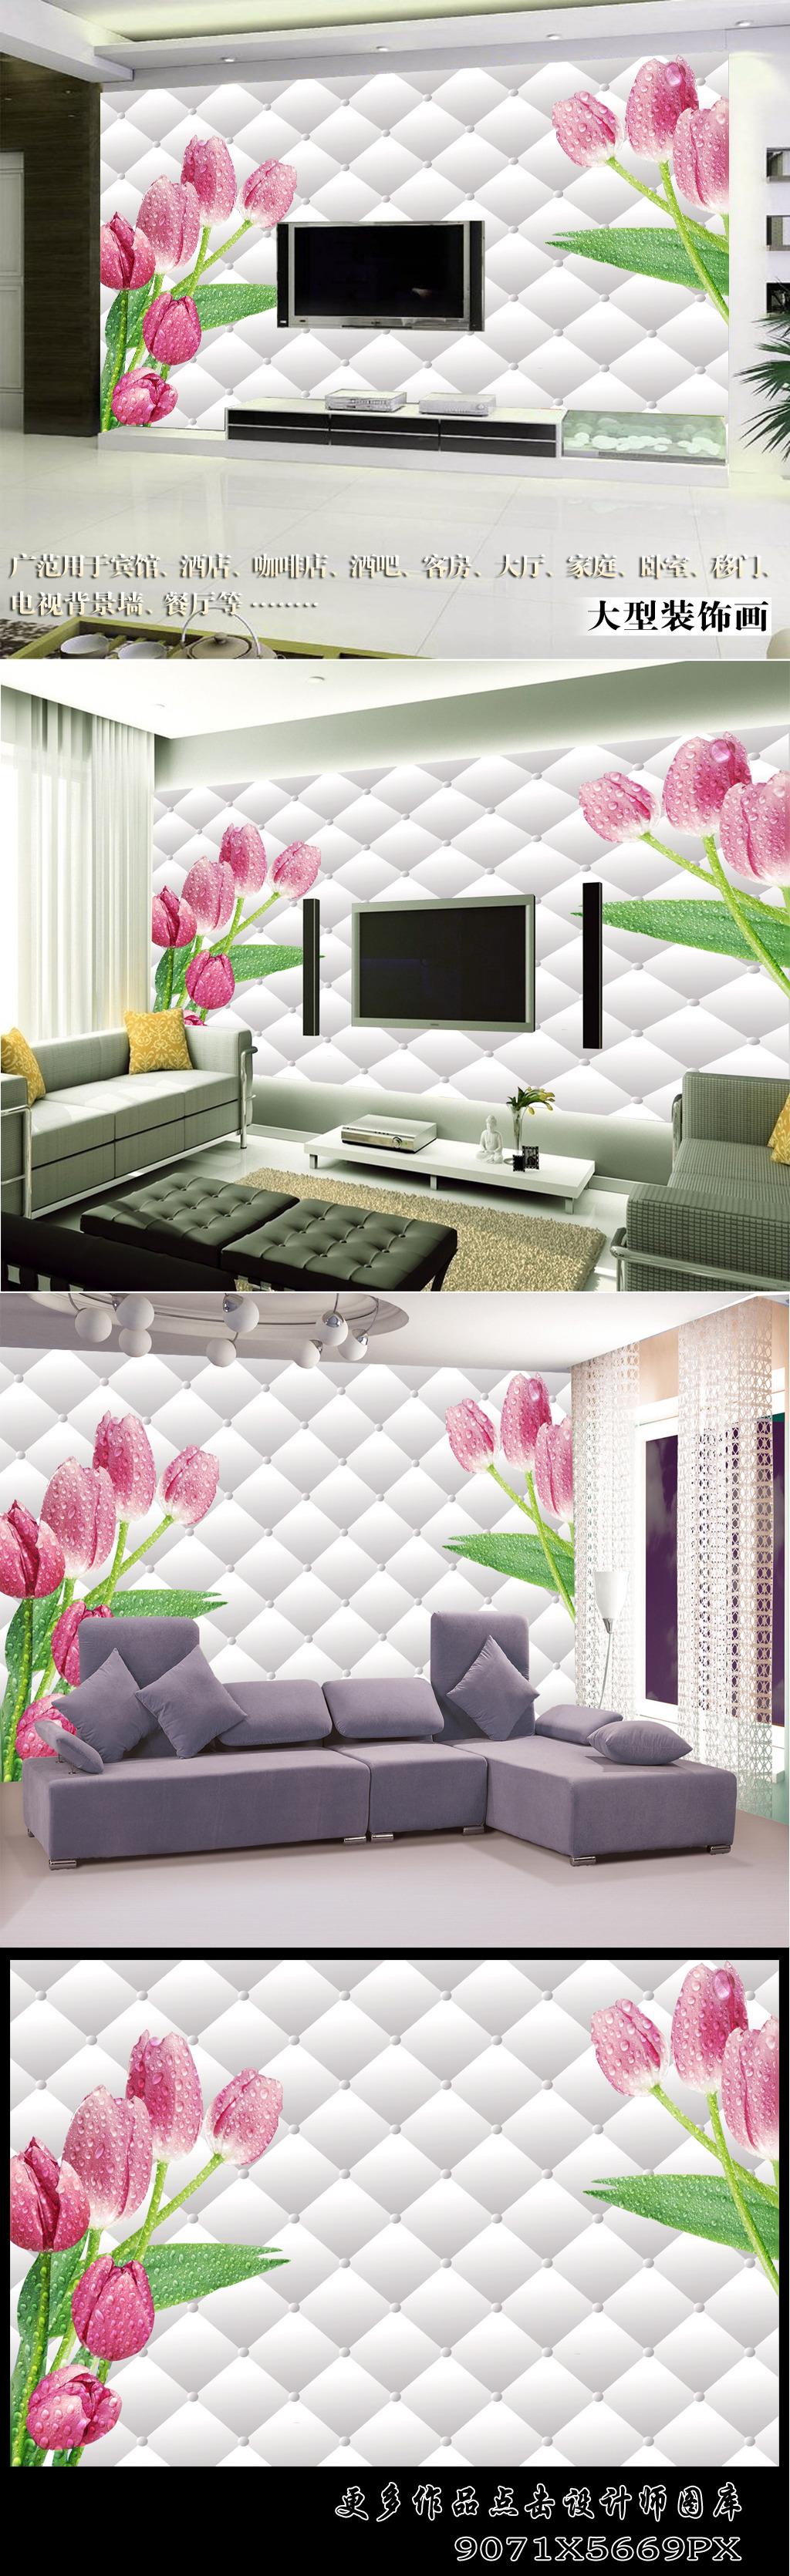 背景墙/[版权图片]百合花3D背景墙设计